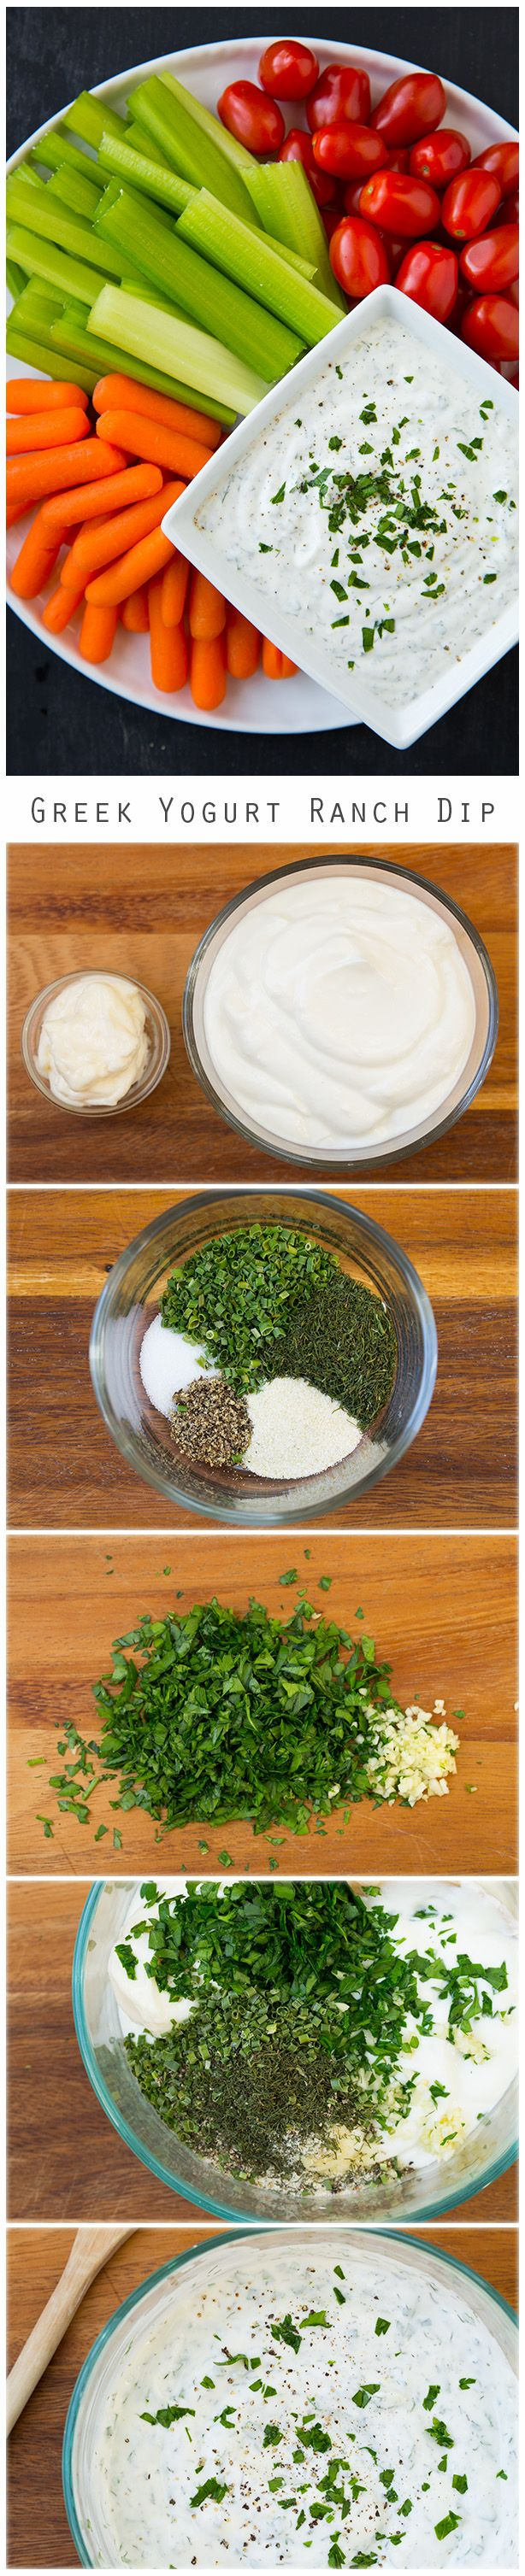 1 1/3 tazas de llanura yogur griego (utilicé grasa regular) 3 cucharadas de mayonesa con toda su grasa 1 diente de ajo, finamente picada 2 1/2 cucharadas de perejil picado, un poco más para adornar 2 cucharadita de cebollino liofilizados (o seco 1 cucharadita regular) 1 1/4 cucharadita de eneldo secada cebolla en polvo 3/4 cucharadita 1/4 cucharadita de sal, a continuación, más al gusto (yo lo hice 1/4 + 1/8 de cucharadita) 1/4 cucharadita de pimienta recién molida negro